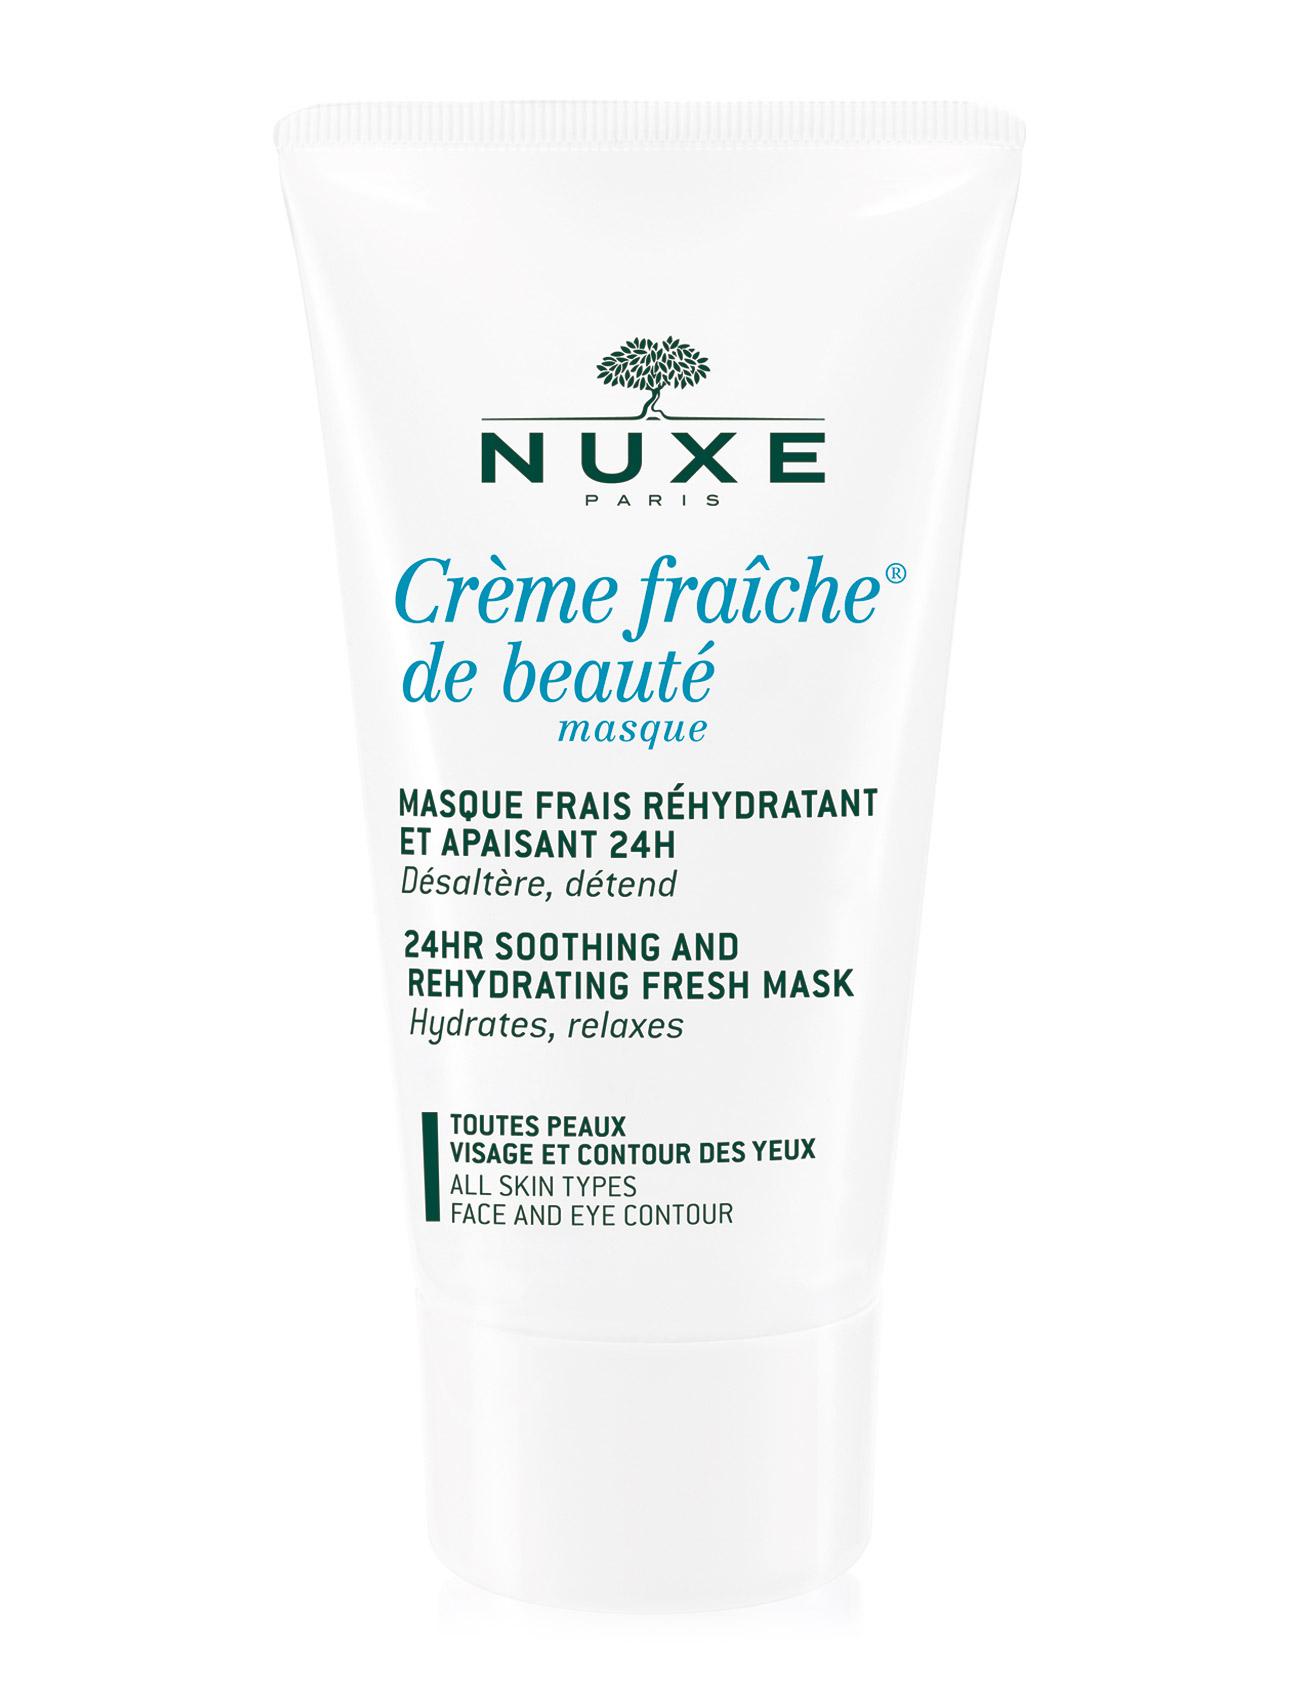 nuxe – Masque crãˆme fraãŽcheâ® de beaut㉠fra boozt.com dk